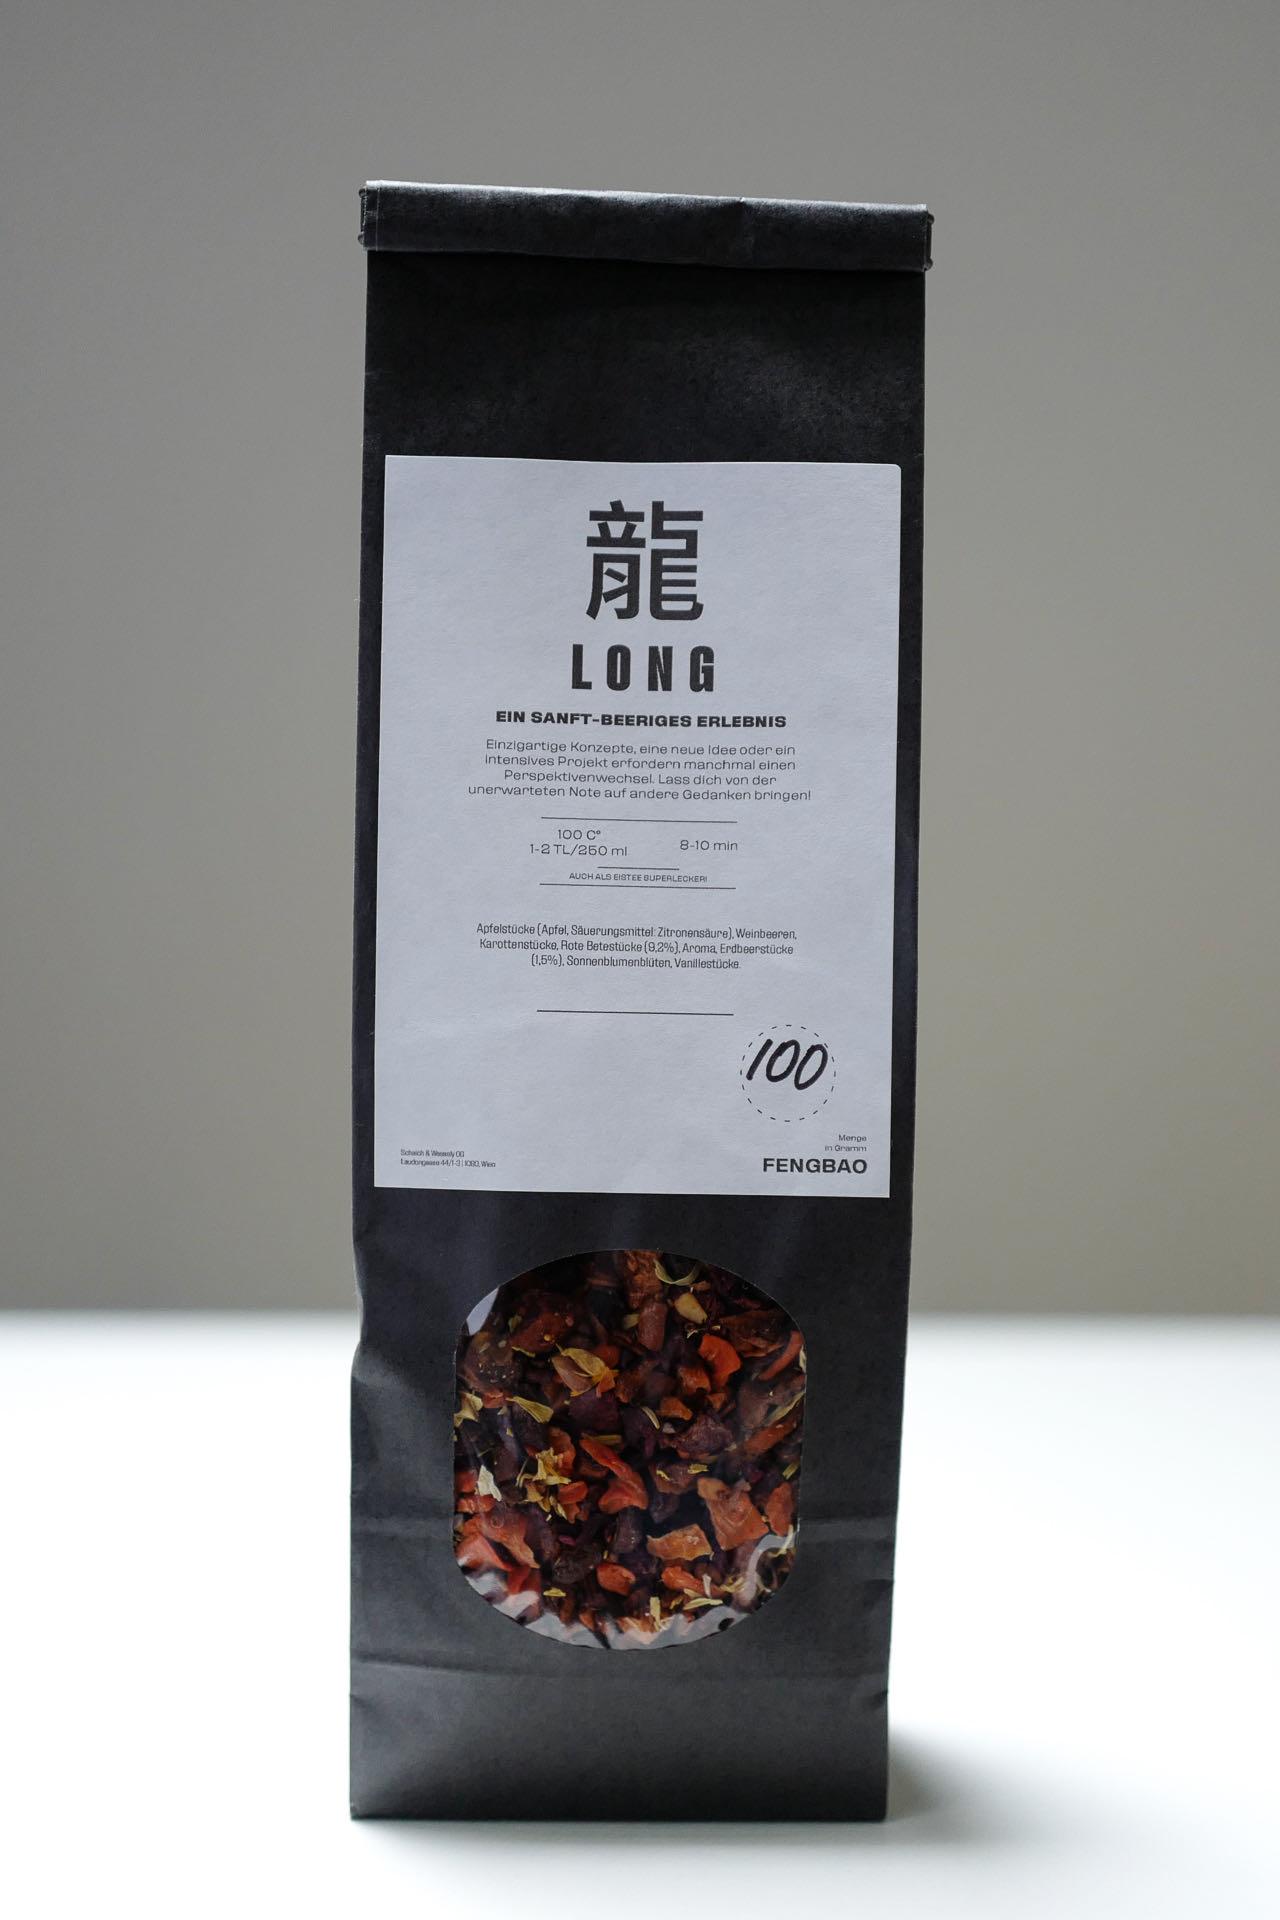 fengbao kung fu tee shop vie8 long erdbeer vanille